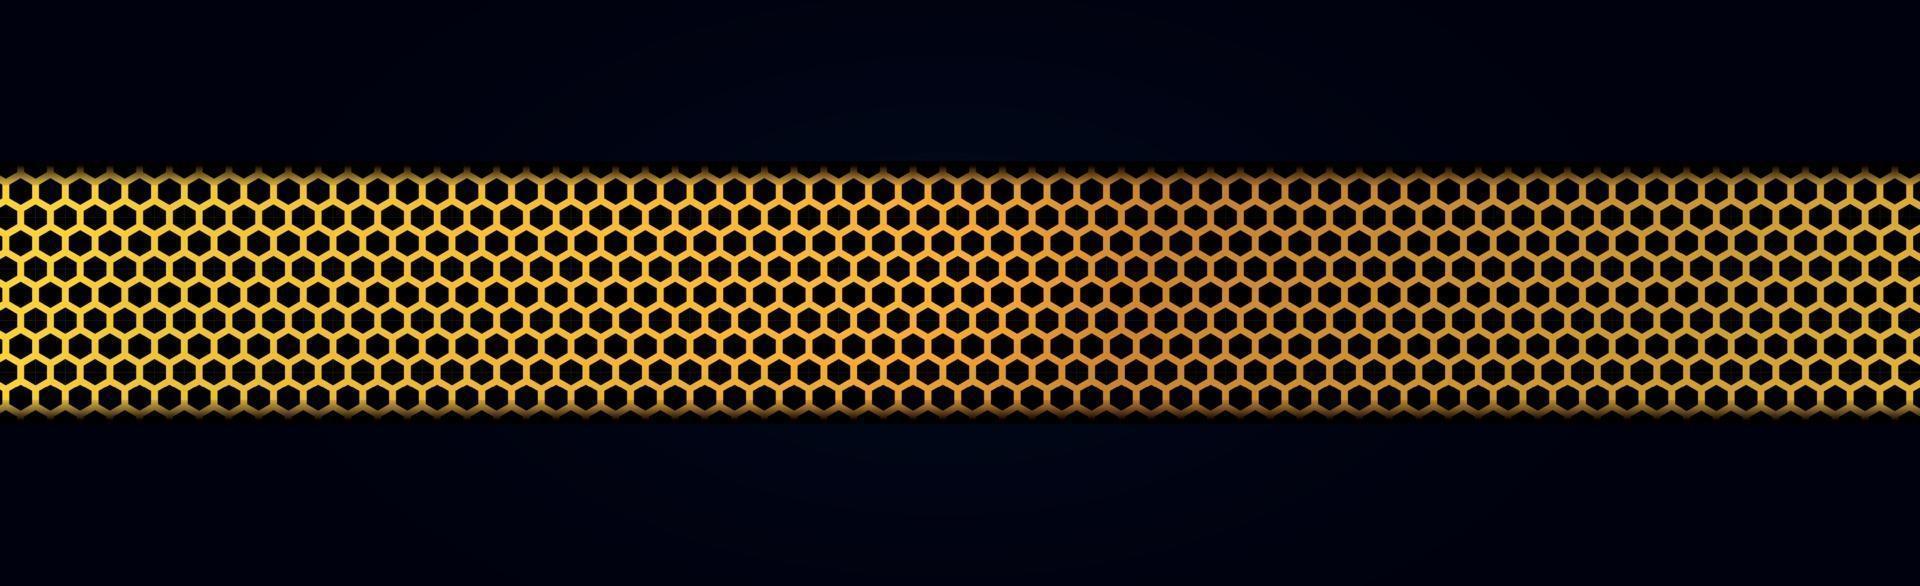 striscione in metallo dorato perforato vettore